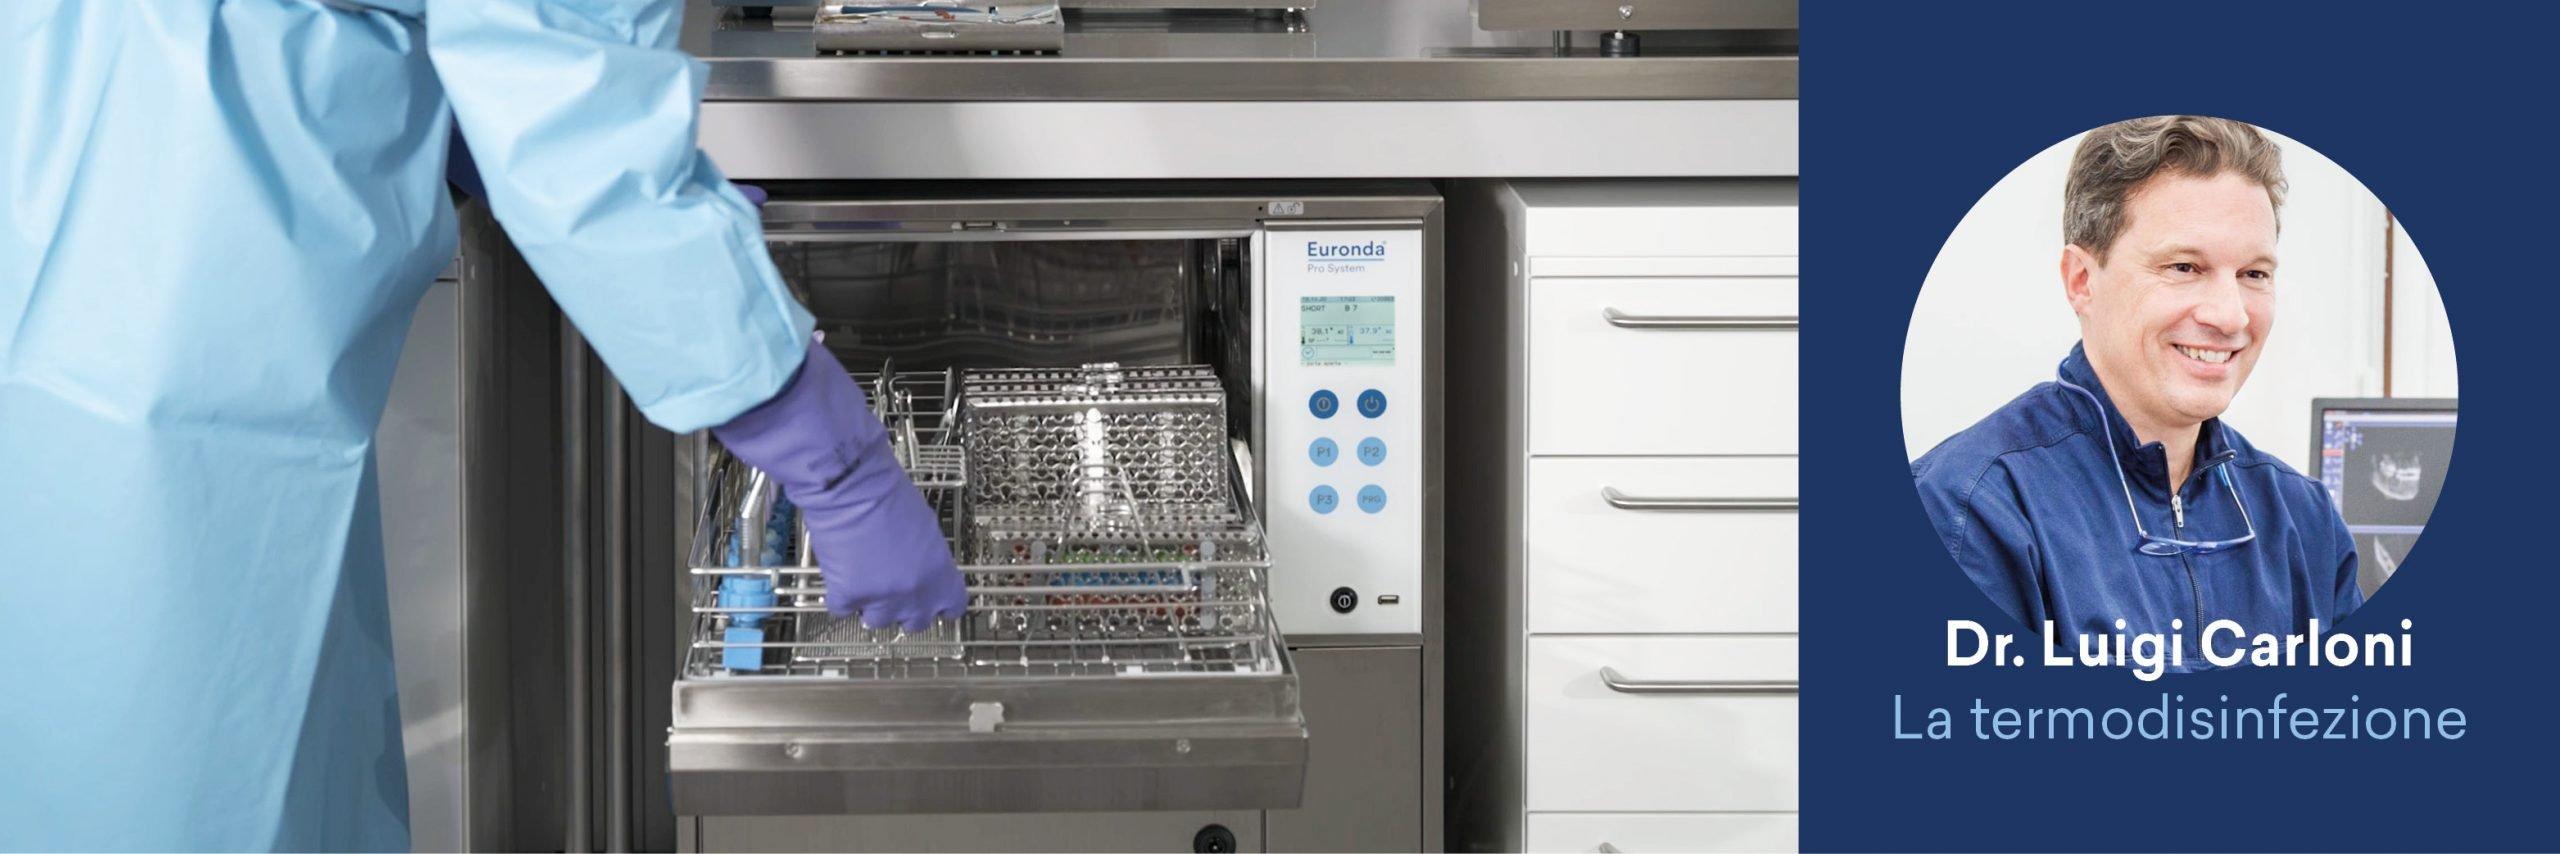 Guida al processo di sterilizzazione - Pulizia: la termodisinfezione